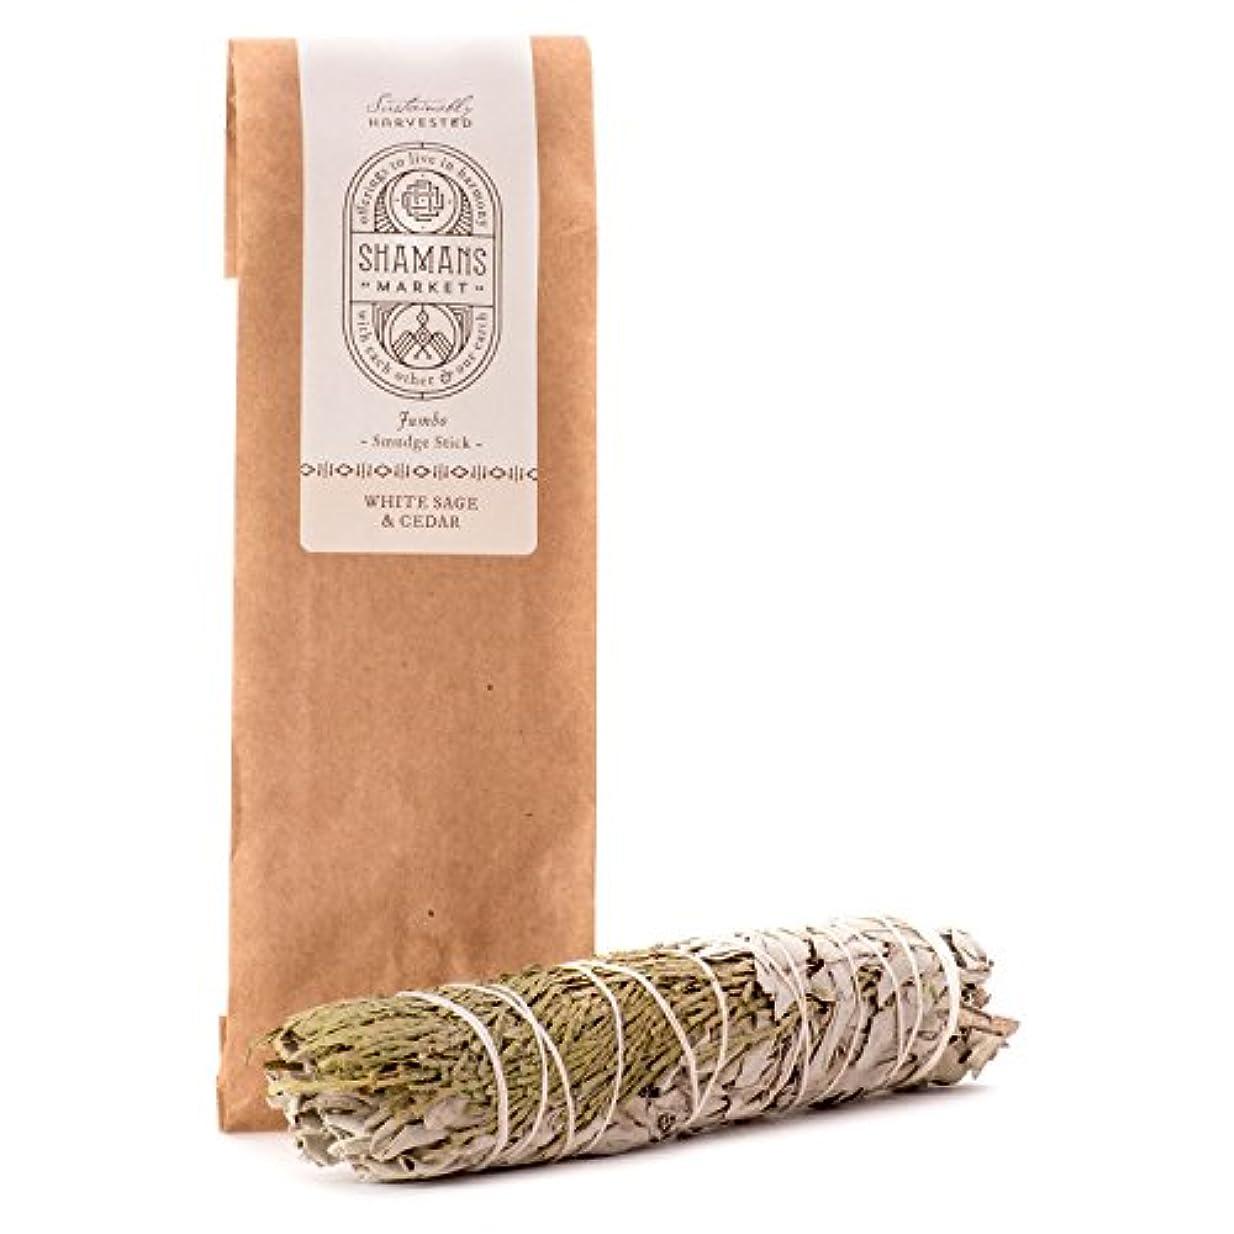 歪める神経見てホワイトセージ& Cedar Large Smudge Sticks 8 – 9で。